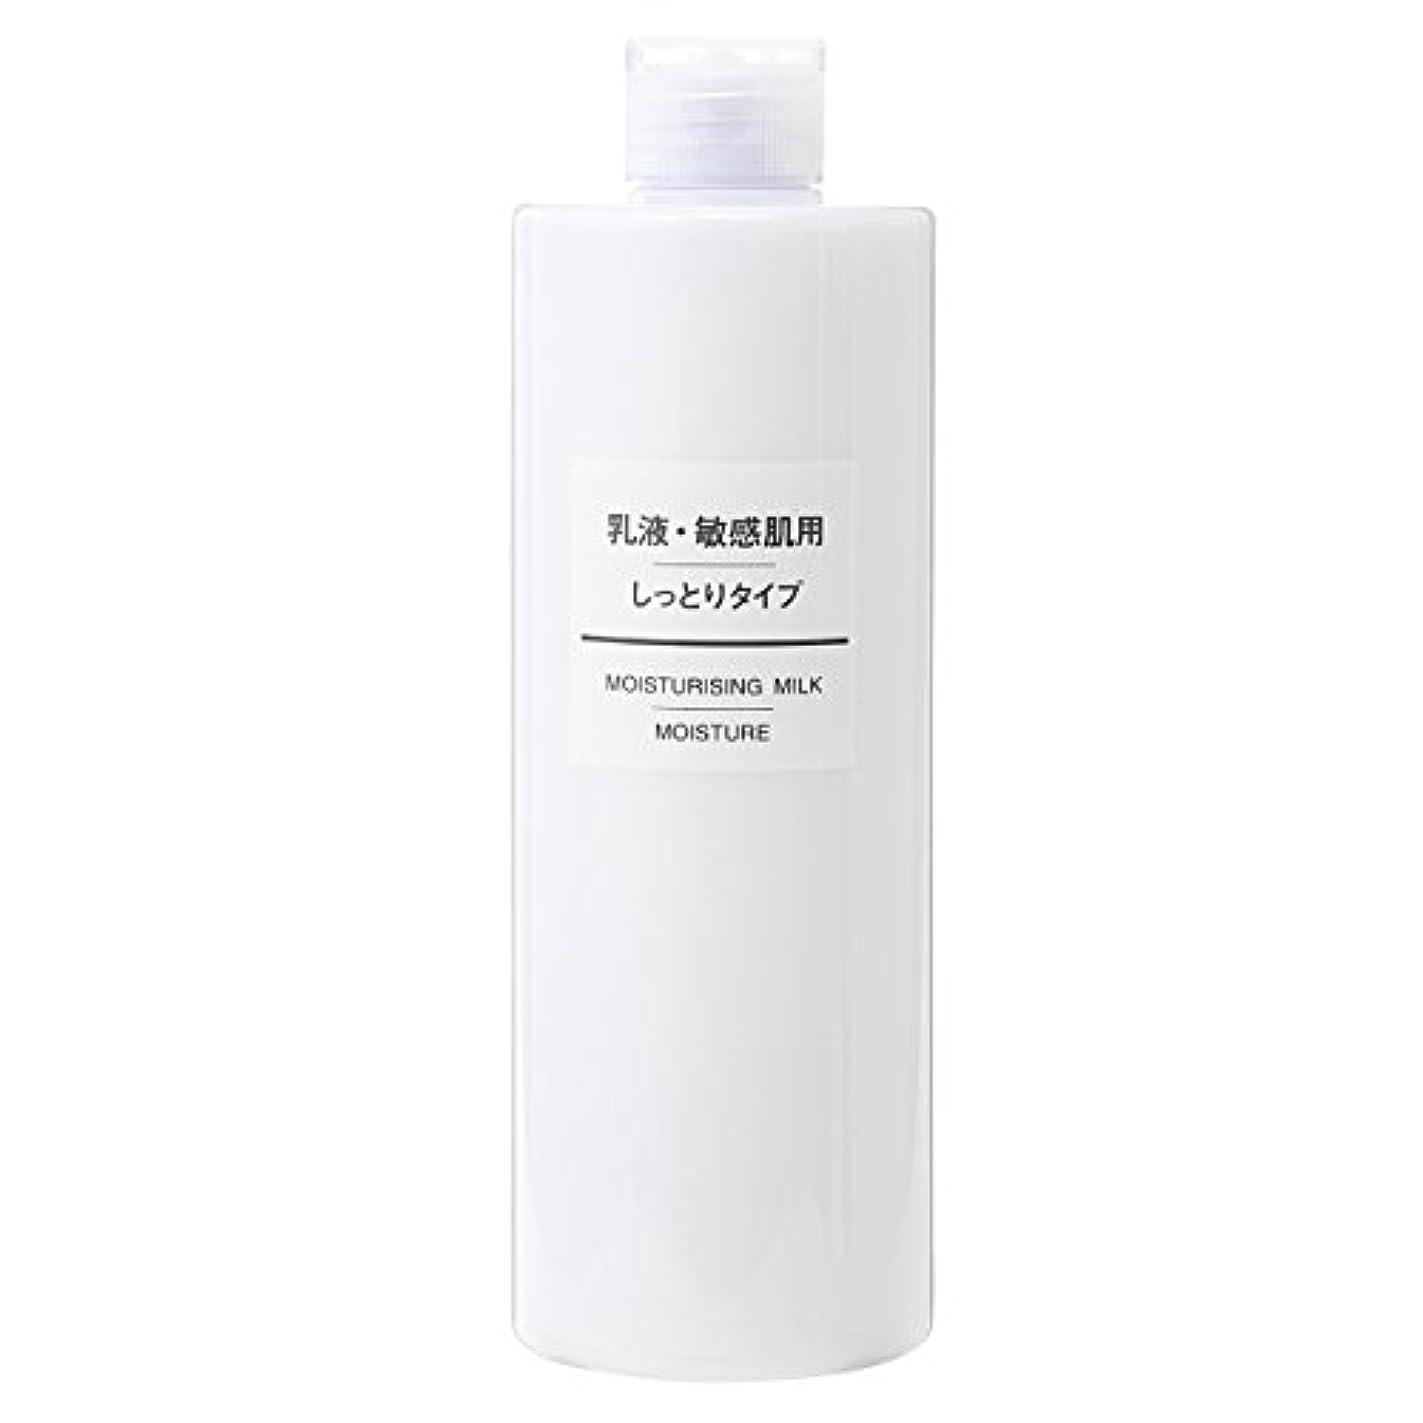 海里ぜいたくエーカー無印良品 乳液 敏感肌用 しっとりタイプ (大容量)400ml